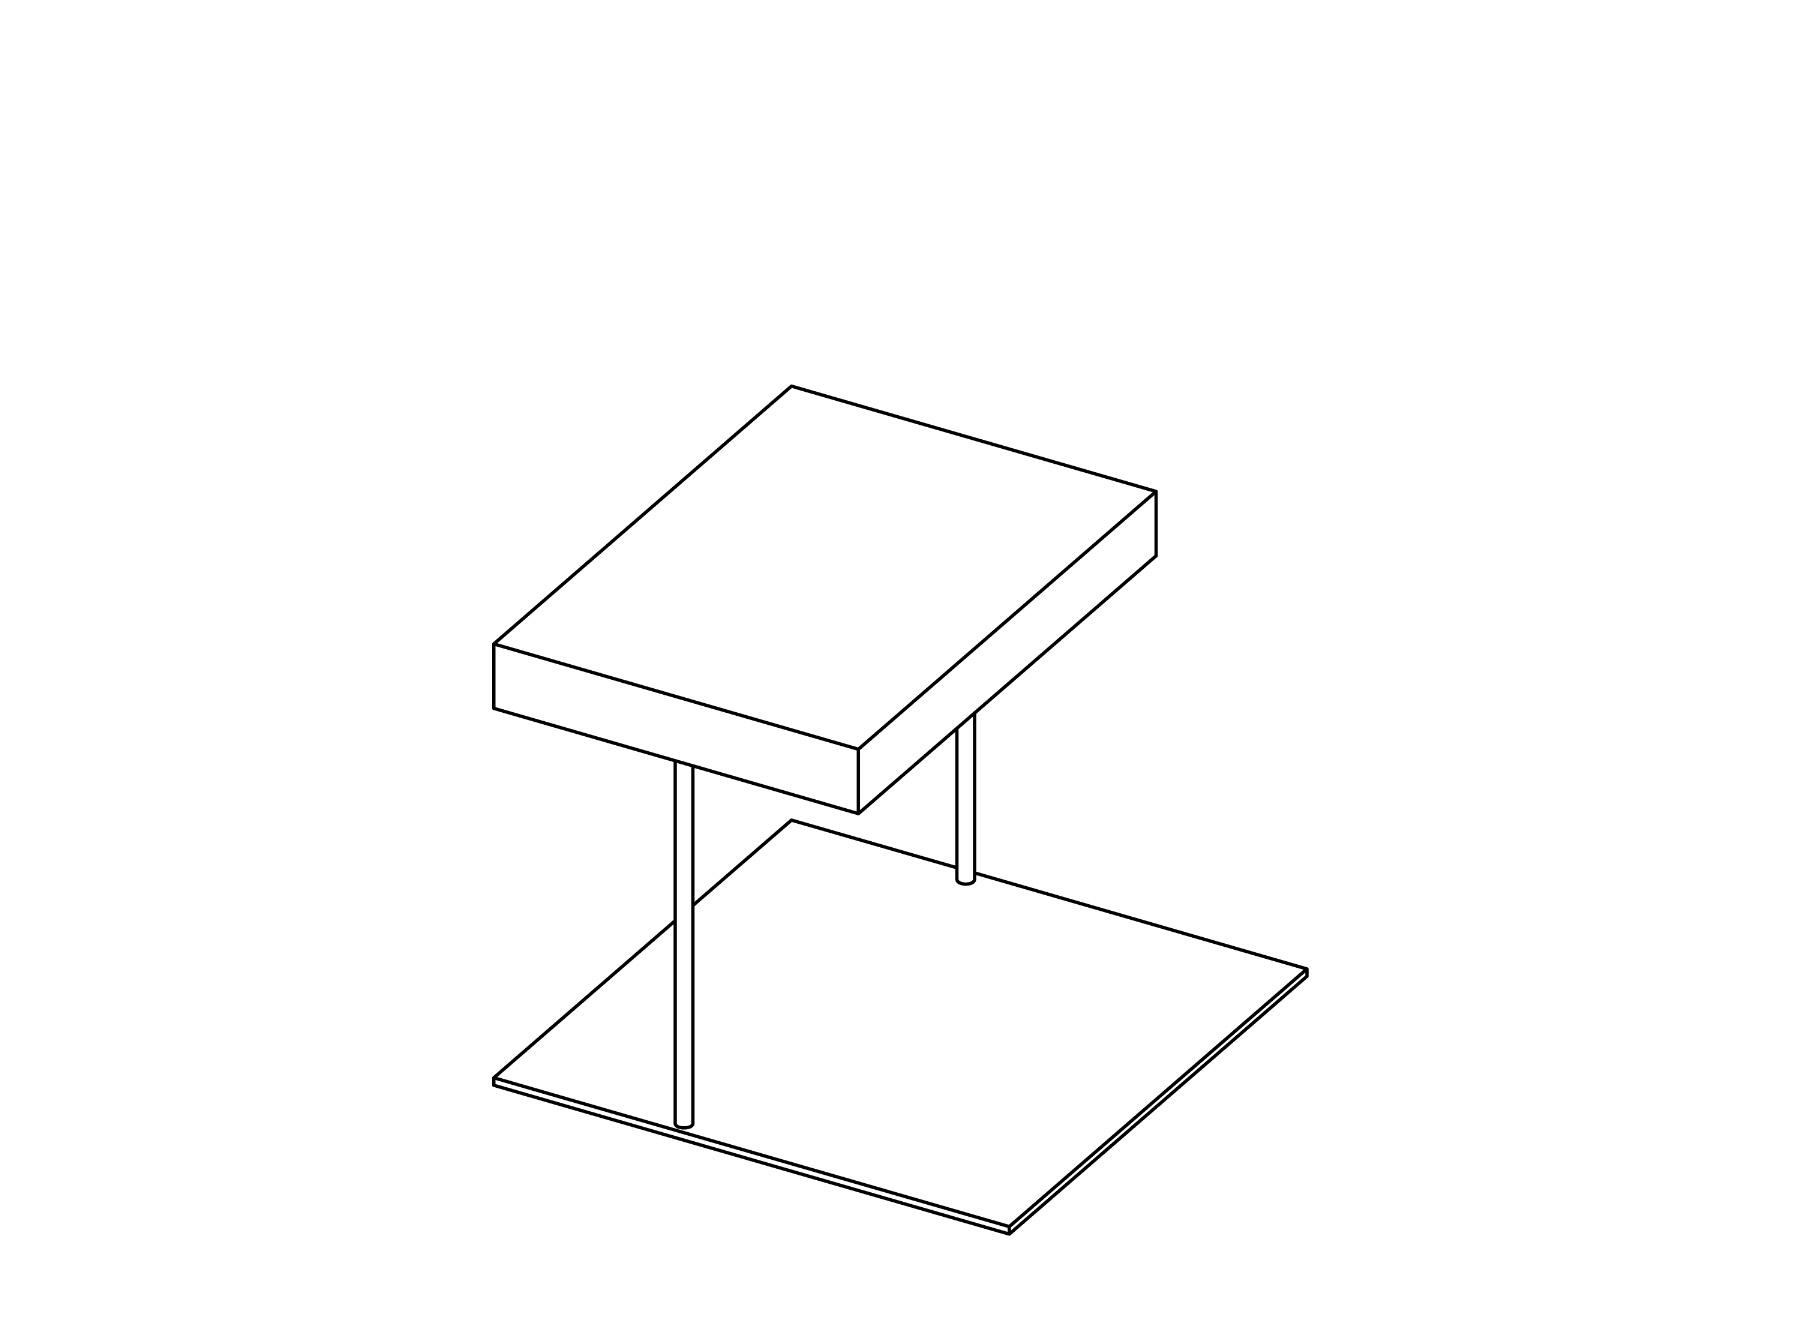 DIN A1 table